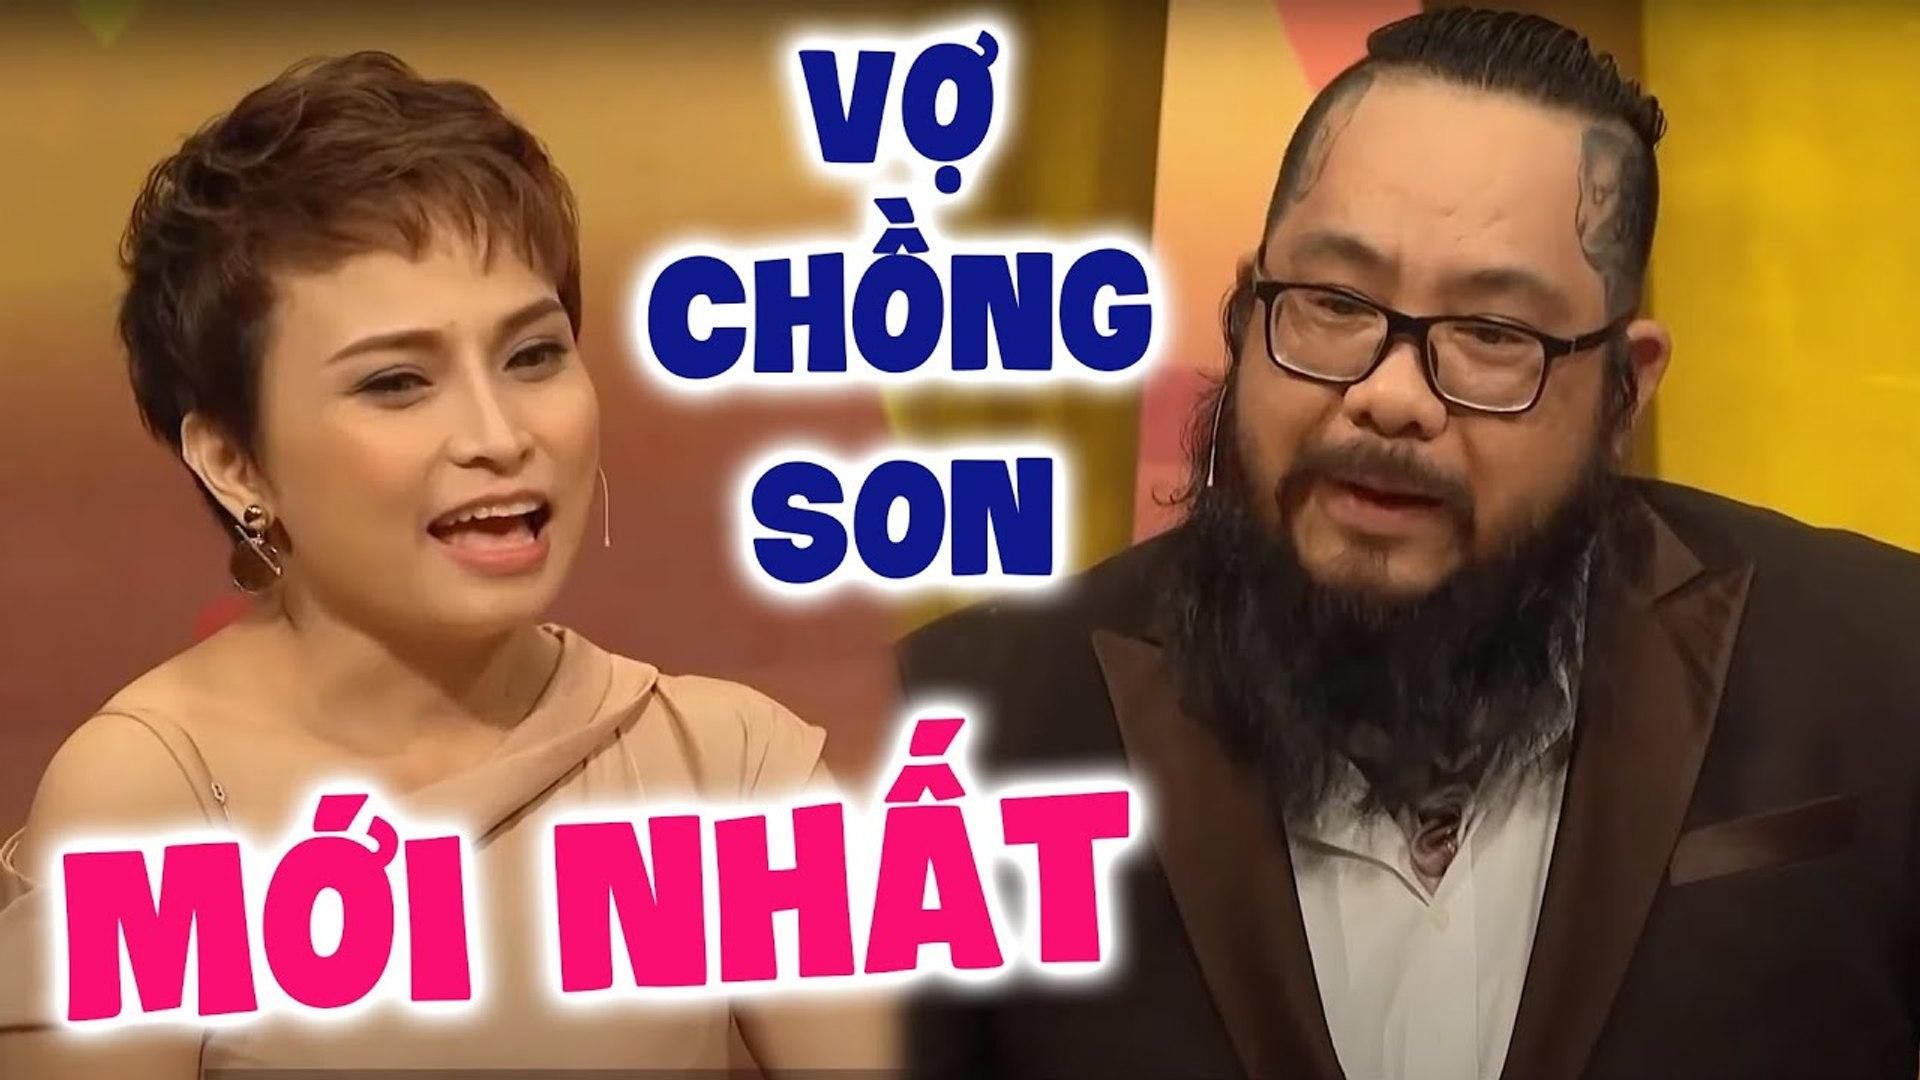 [Tập 368] Vợ Chồng Son Mới Nhất | Quang Huy - Tường Vy | Phúc Thiện - Bảo Quyên | VỢ CHỒNG SON 2020